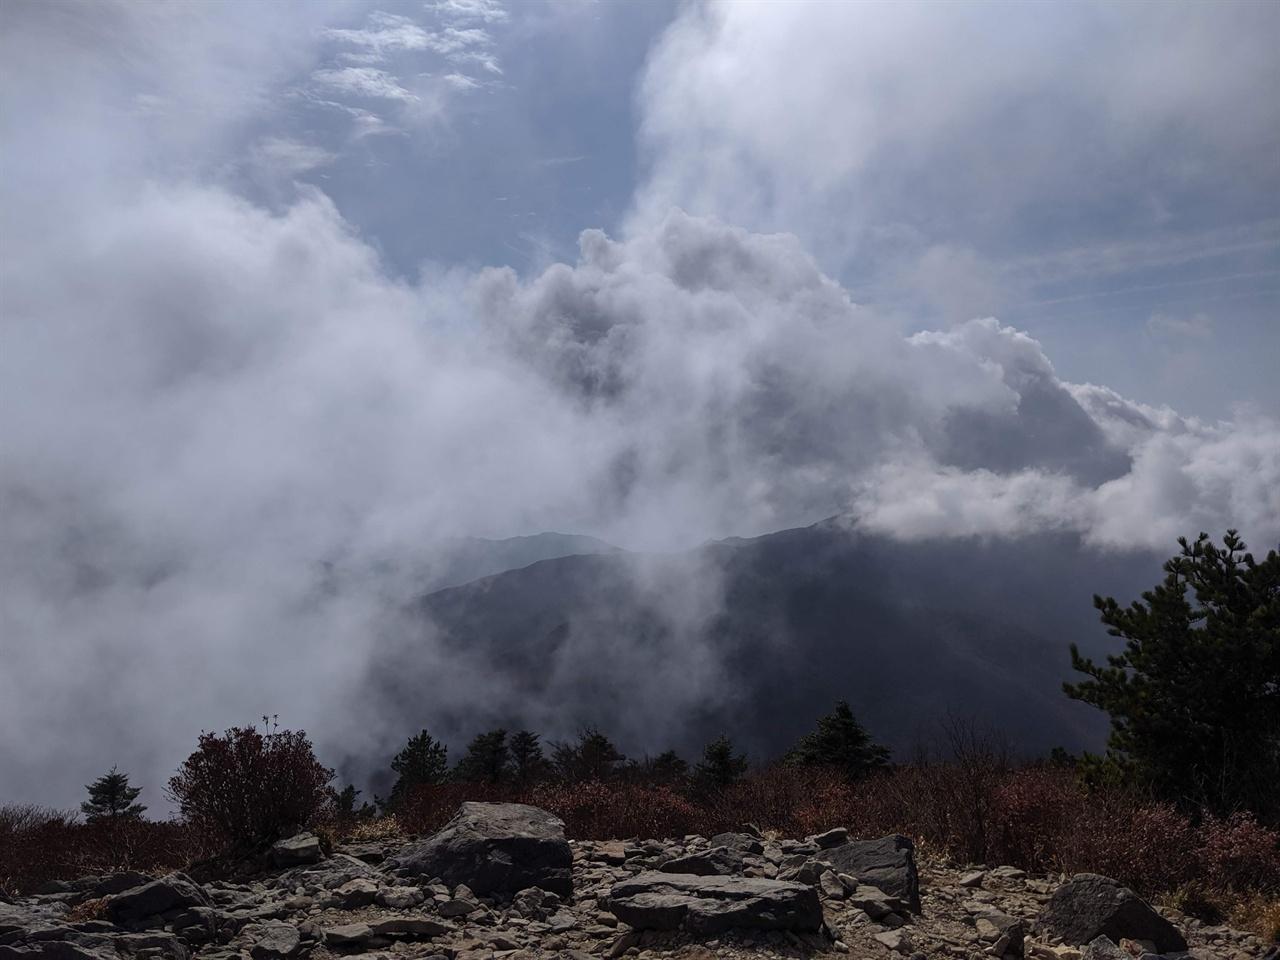 반야봉에서 바라본 지리산 산등성이 산등성이들이 구름 속에서 숨바꼭질을 하고 있다.